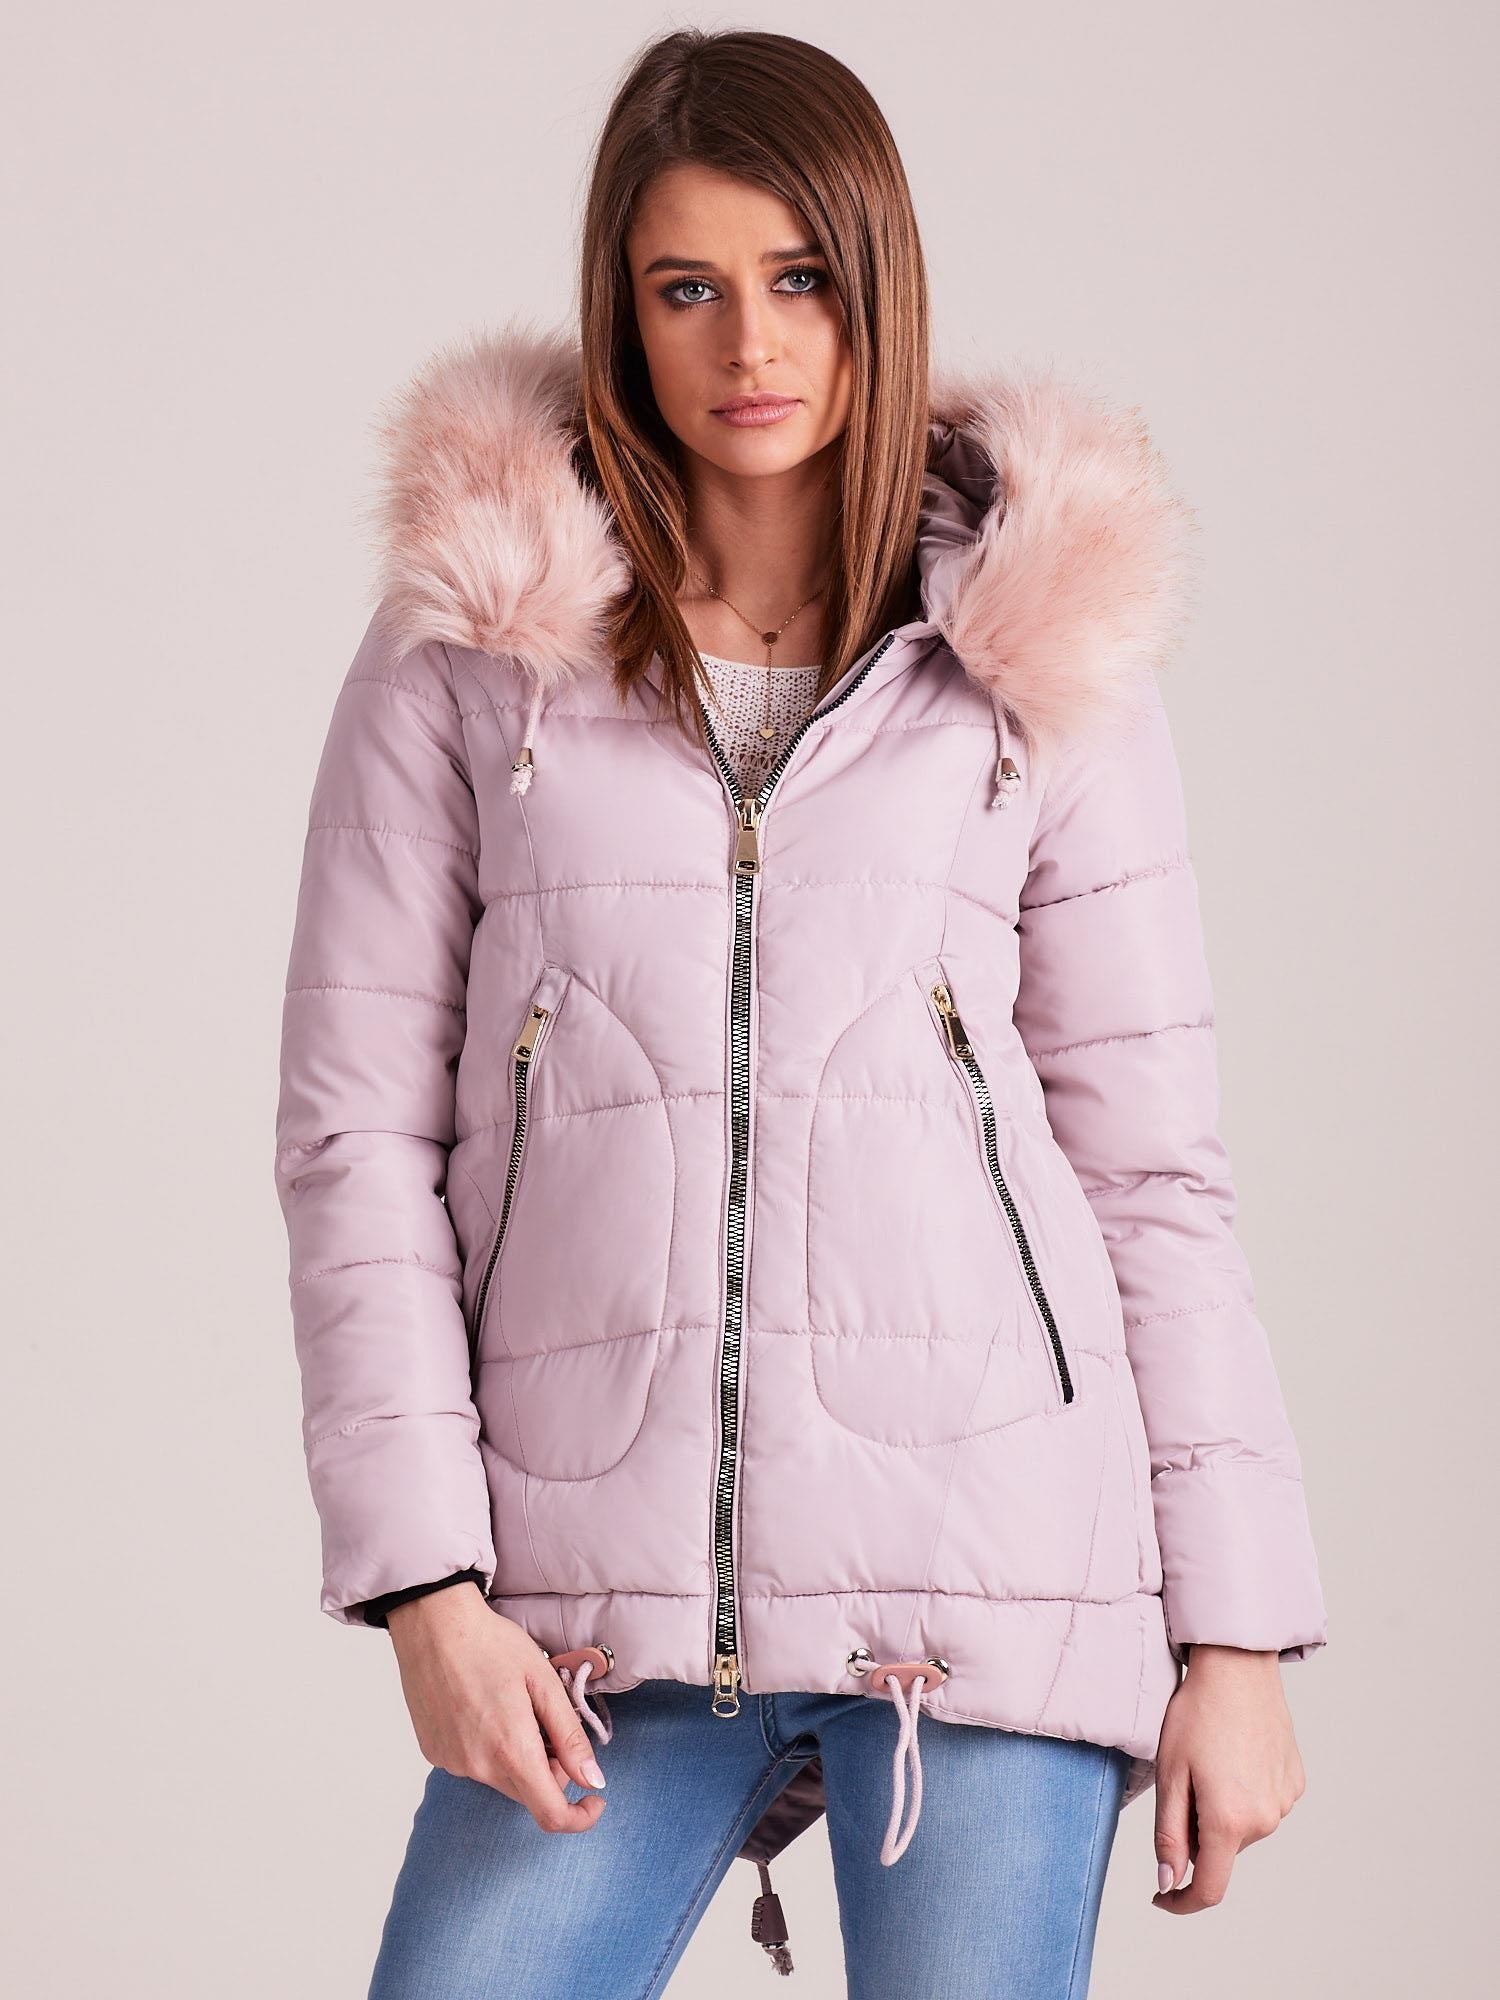 Dámska ružová prešívaná zimná bunda - S